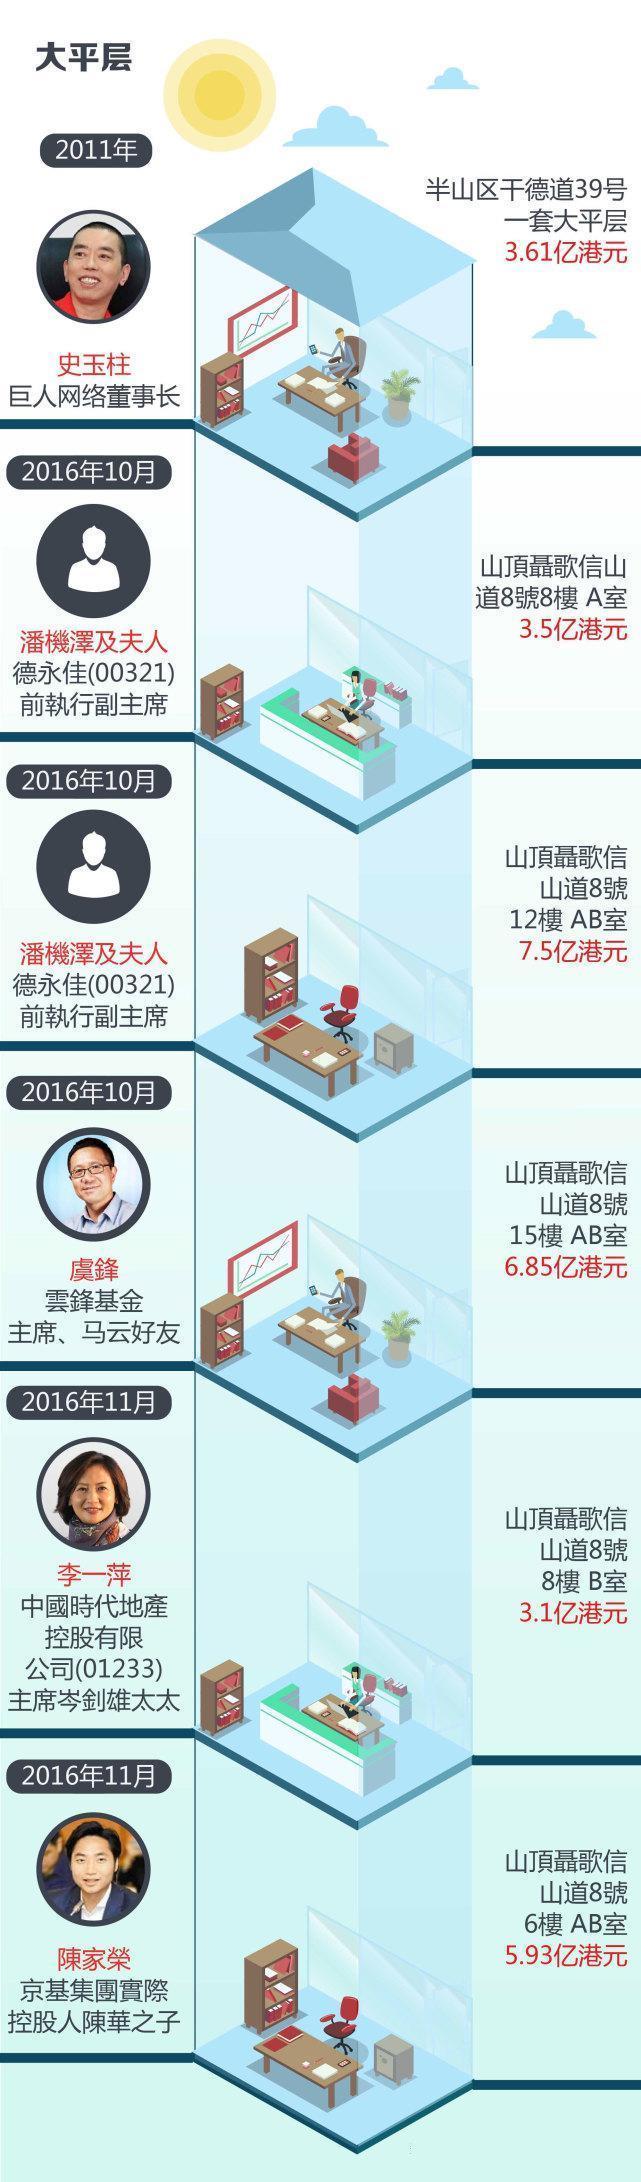 被疯抢的香港10亿豪宅:山顶都要说普通话了